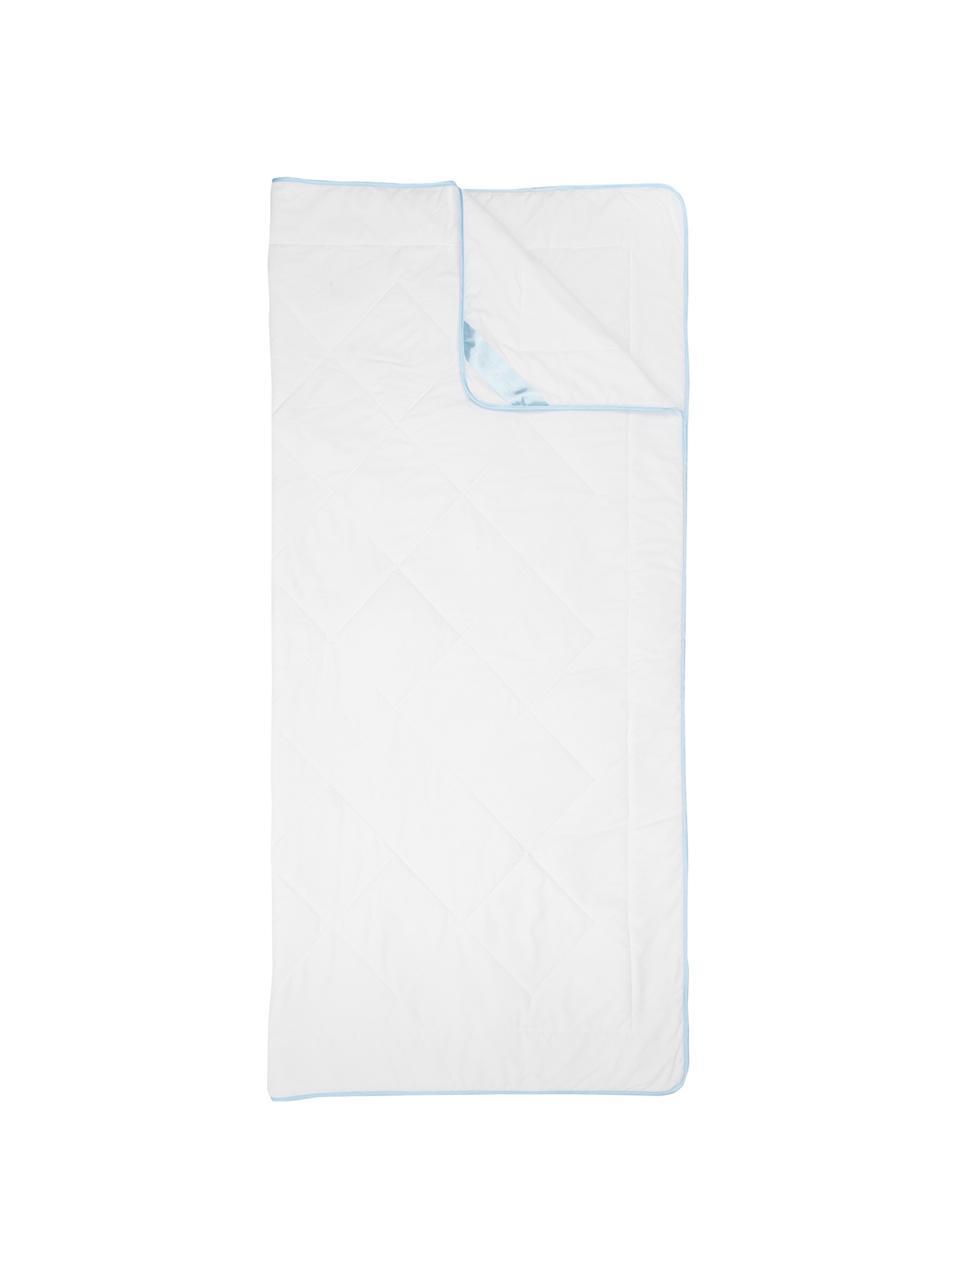 Microfaser-Bettdecke, leicht, Bezug: Microfaser mit Rautenstep, Weiß, 135 x 200 cm